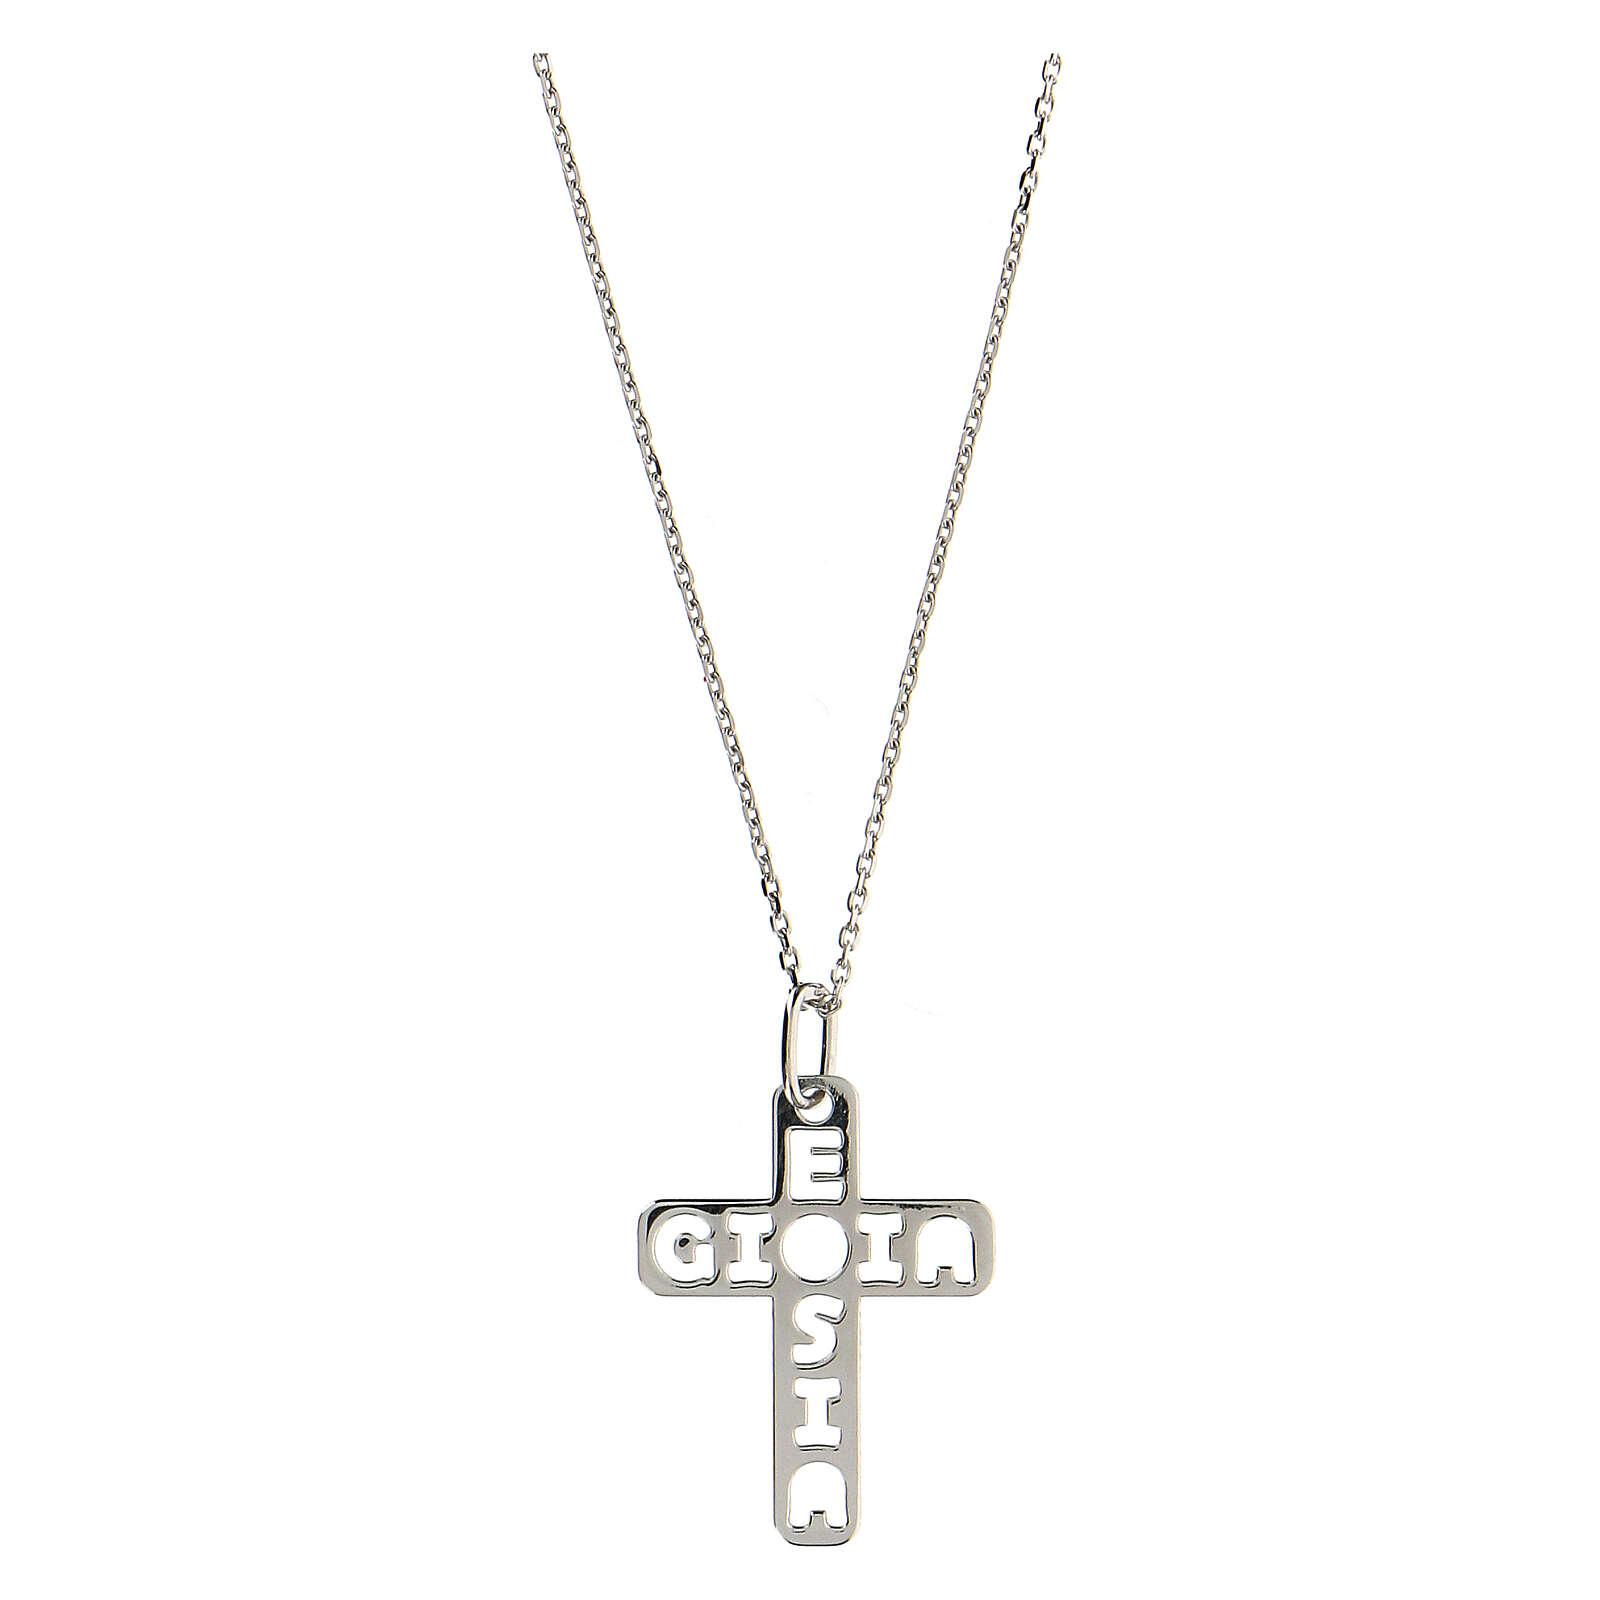 Pendente croce E Gioia Sia argento 925 grande 4